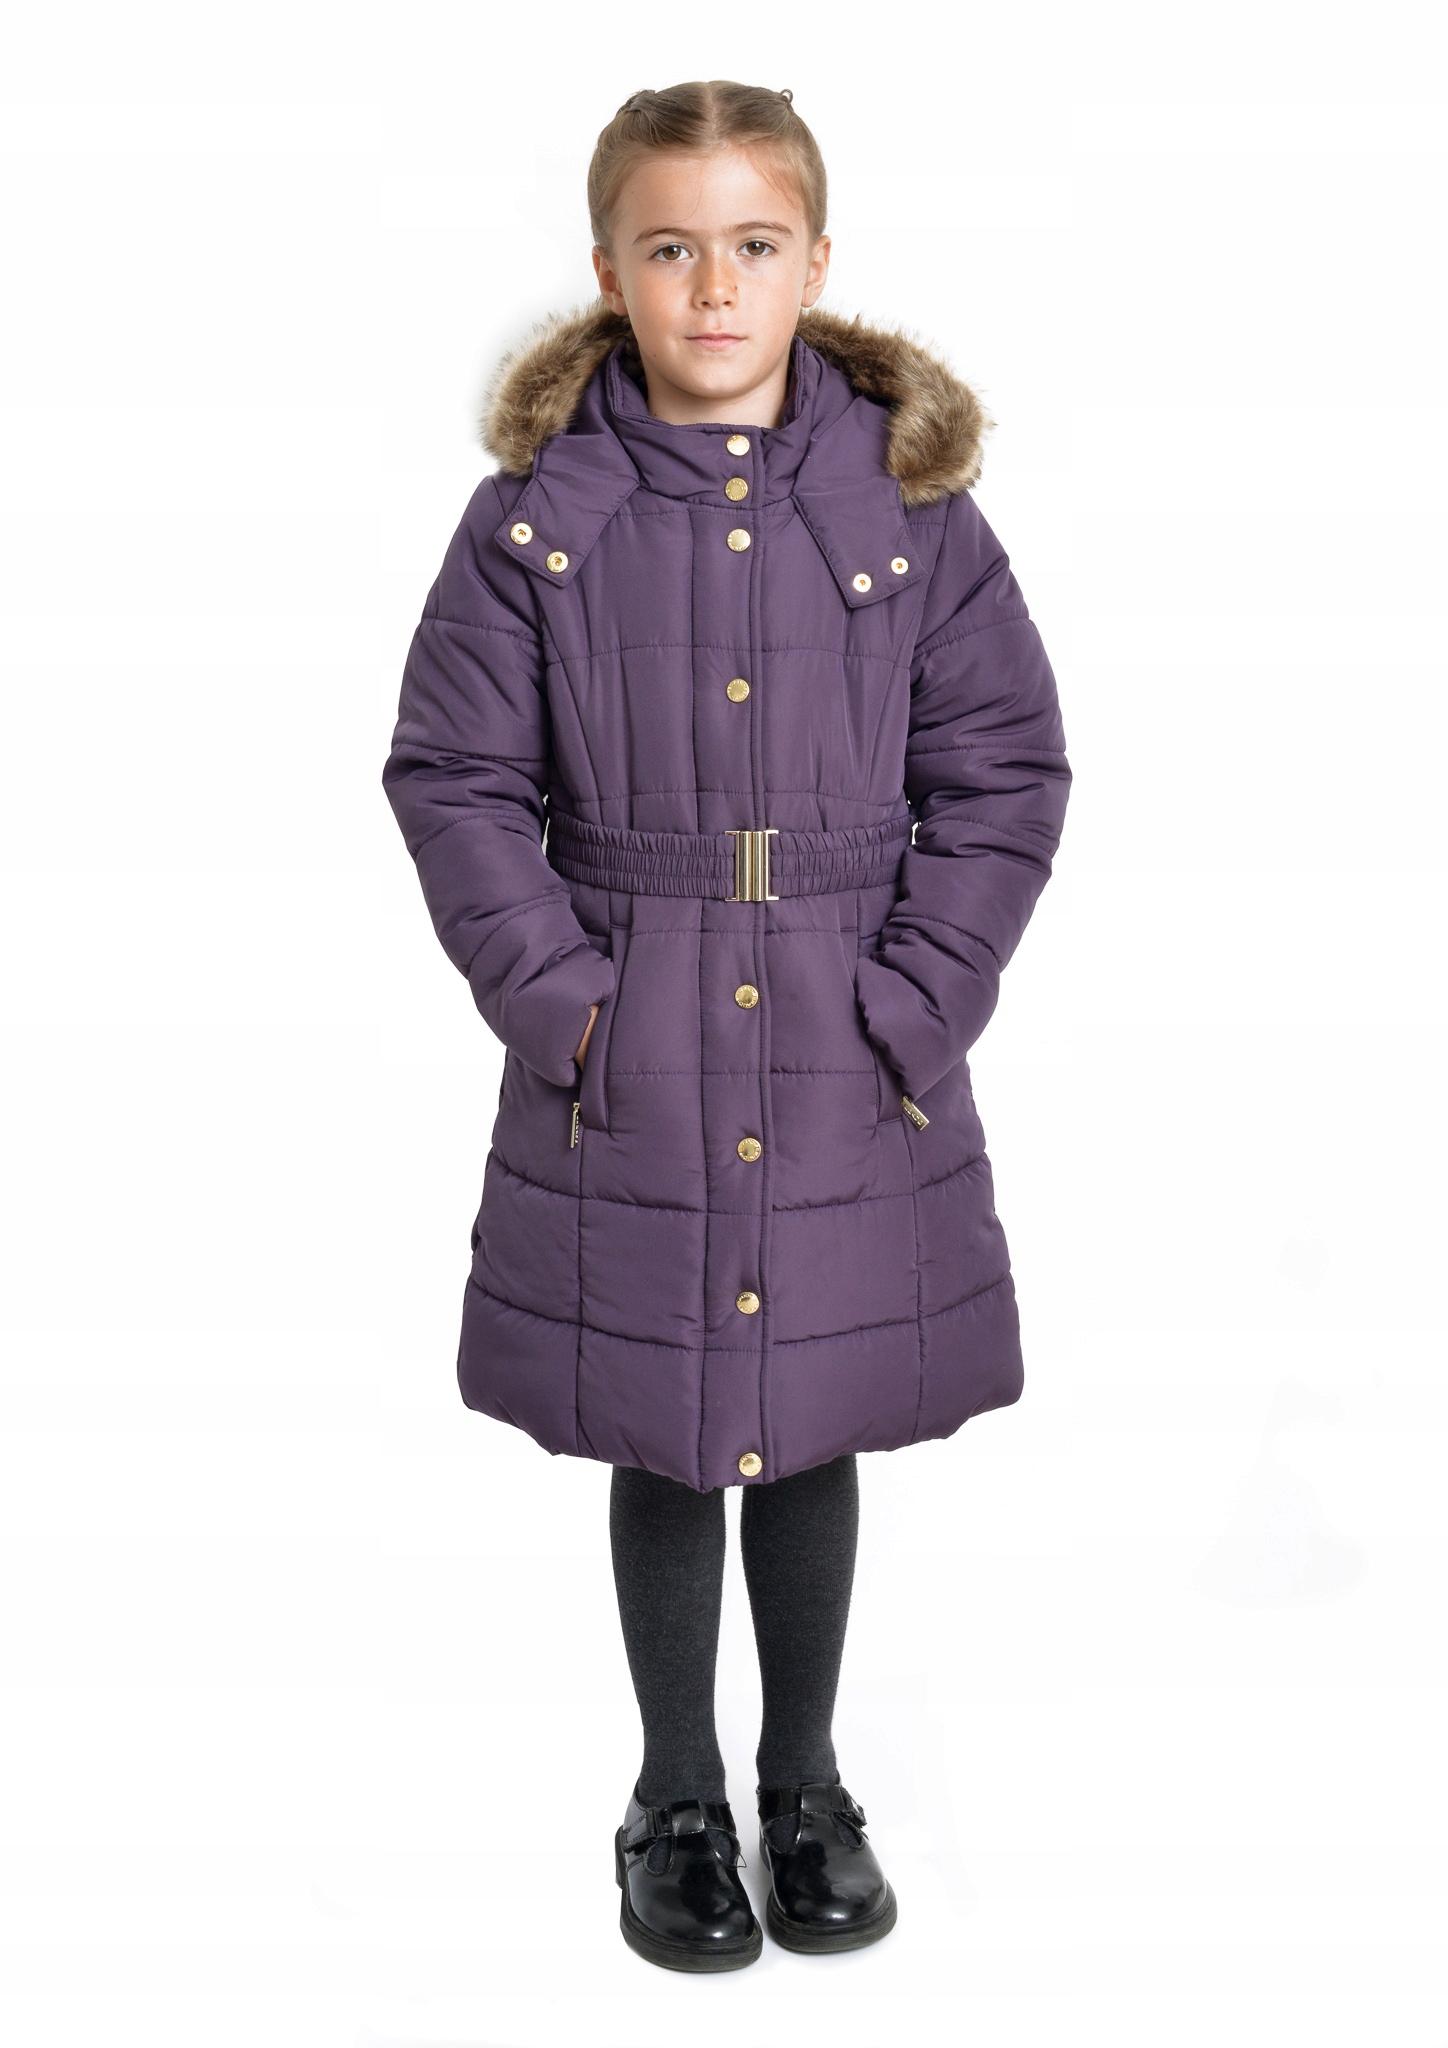 Nowy płaszcz GIANNI FERAUD dla dziewczynki r. 110